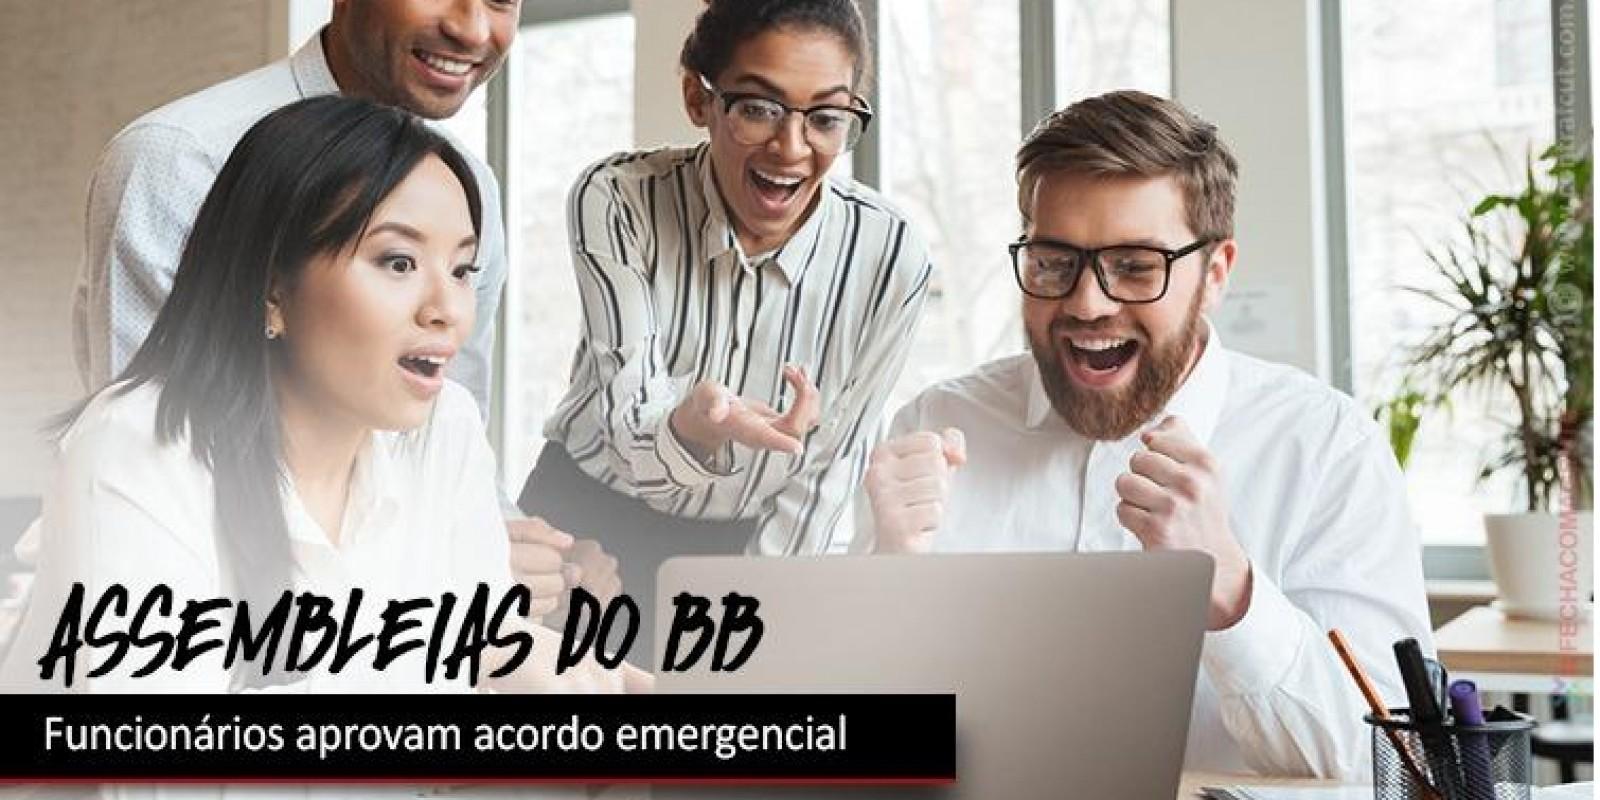 Funcionários do BB aprovam acordo emergencial